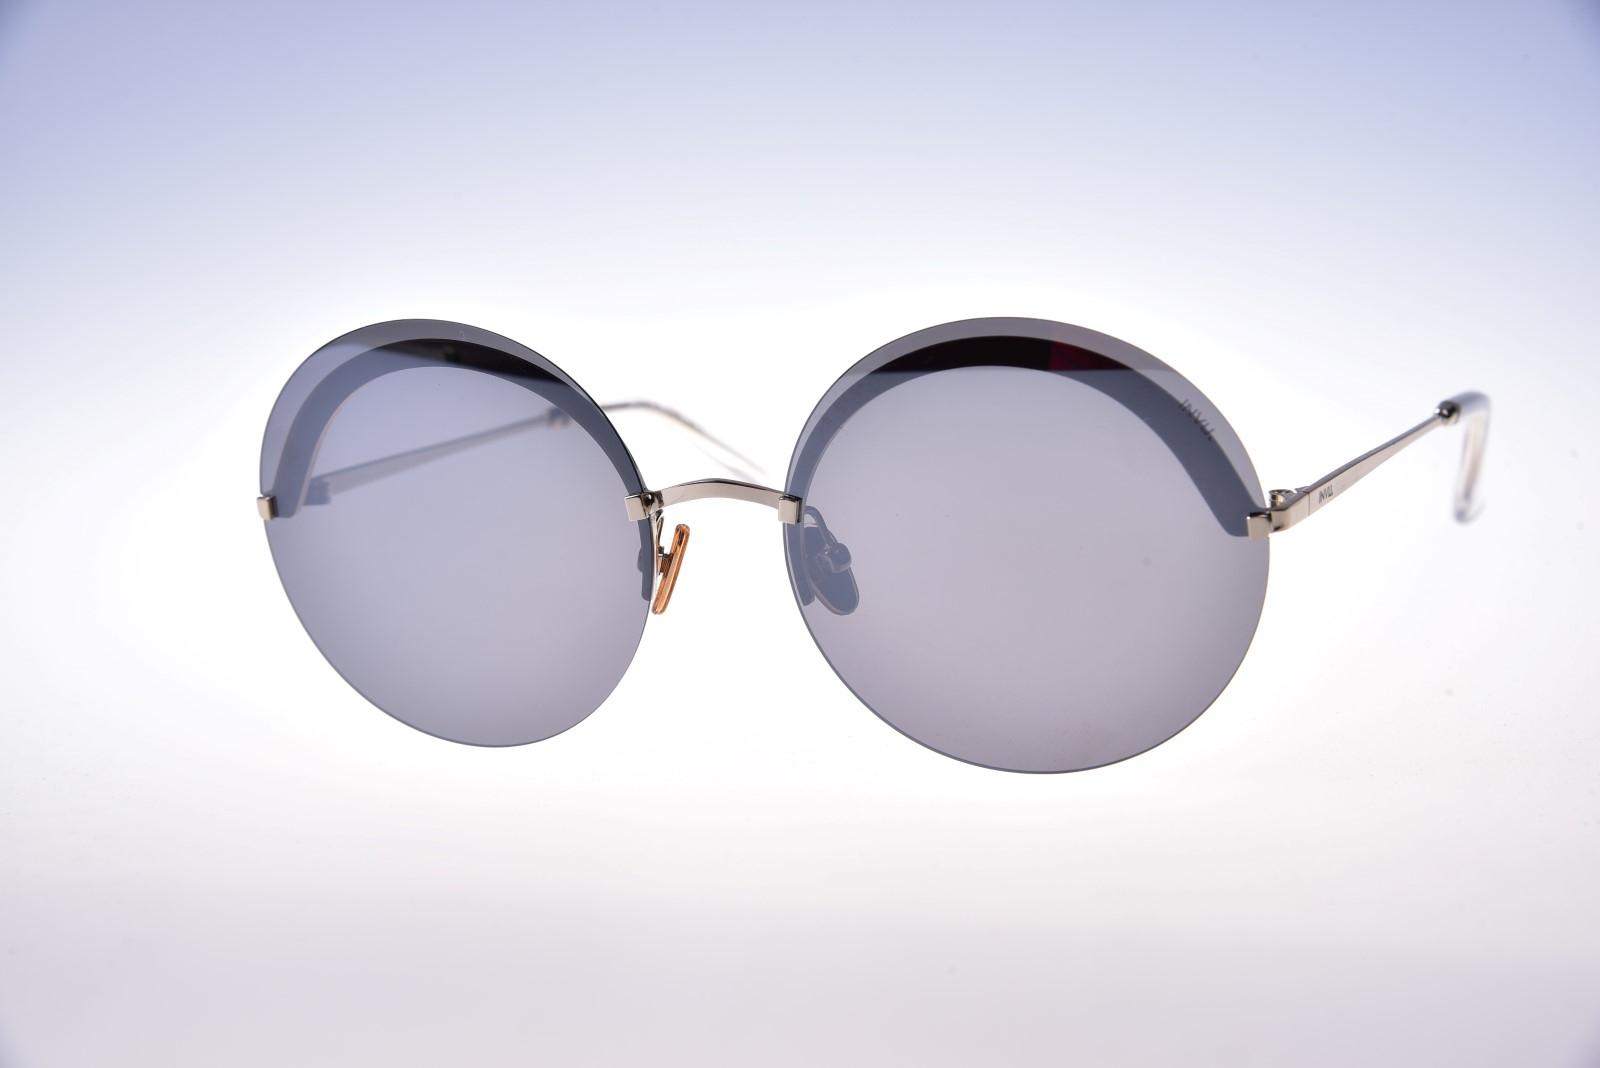 1e0ad2e12 INVU. Trend T1911A - Dámske, pánske a detské slnečné okuliare ...